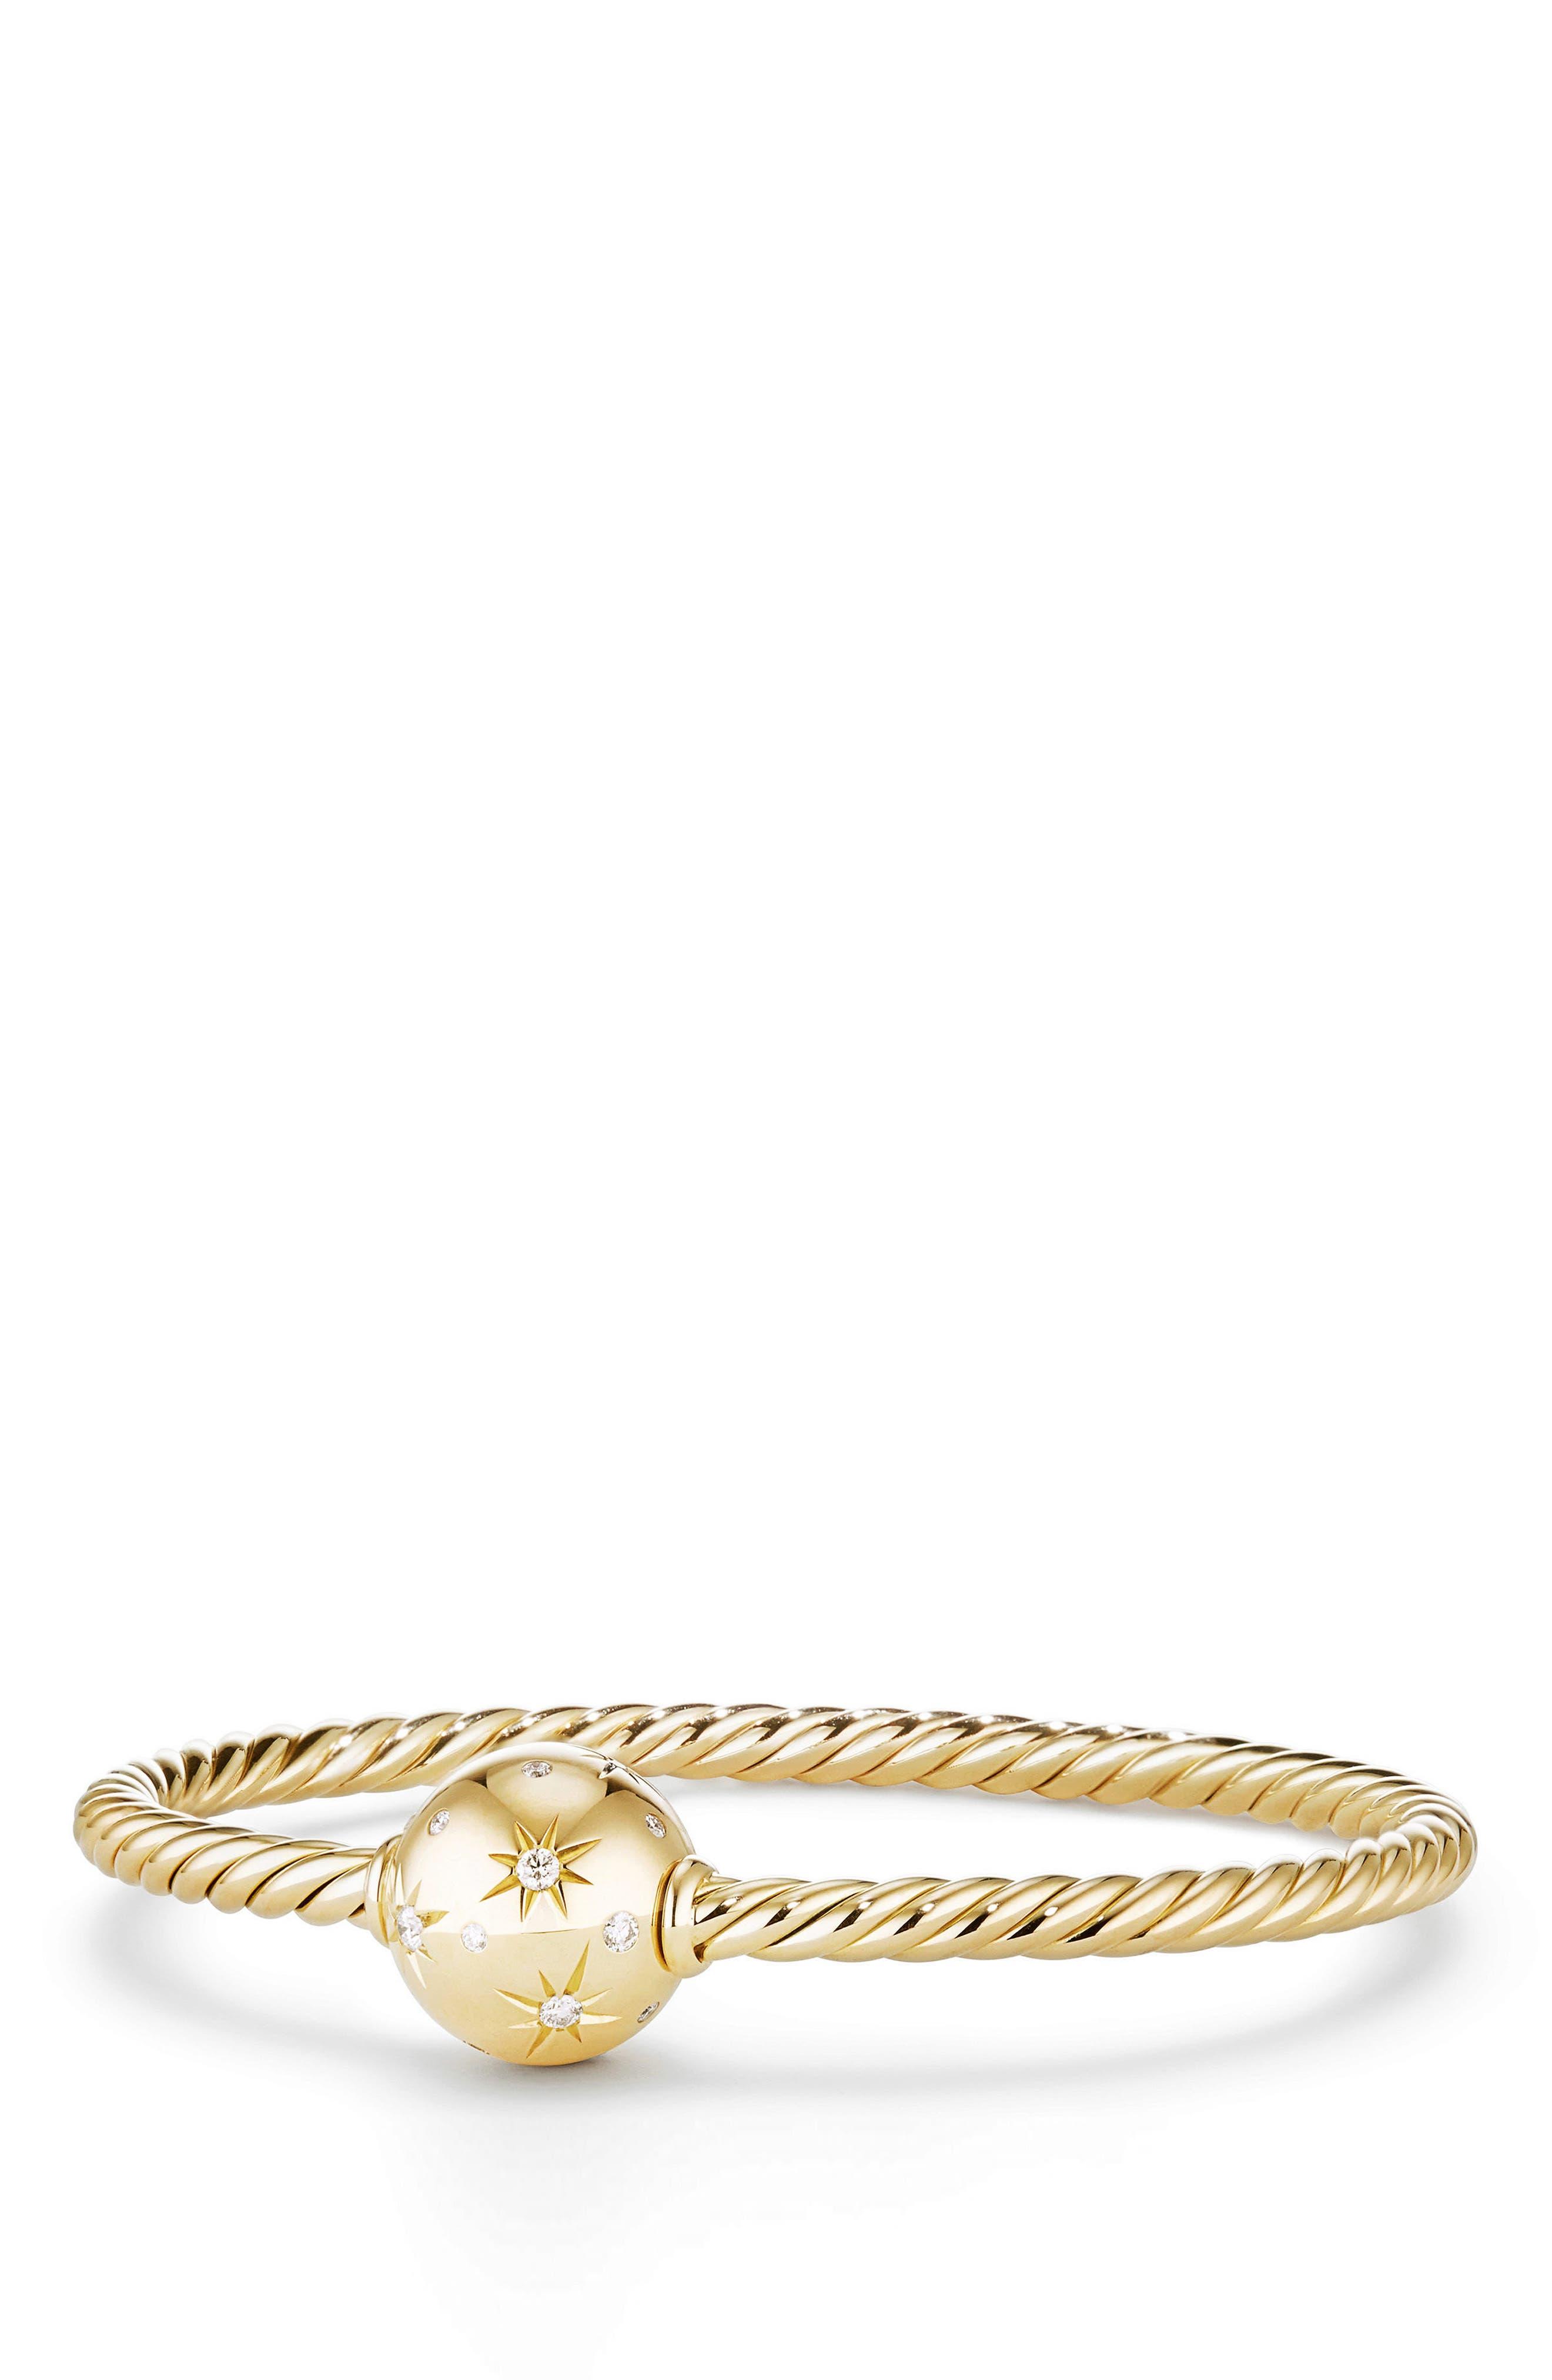 David Yurman Solari Station Bracelet with Diamonds in 18K Gold